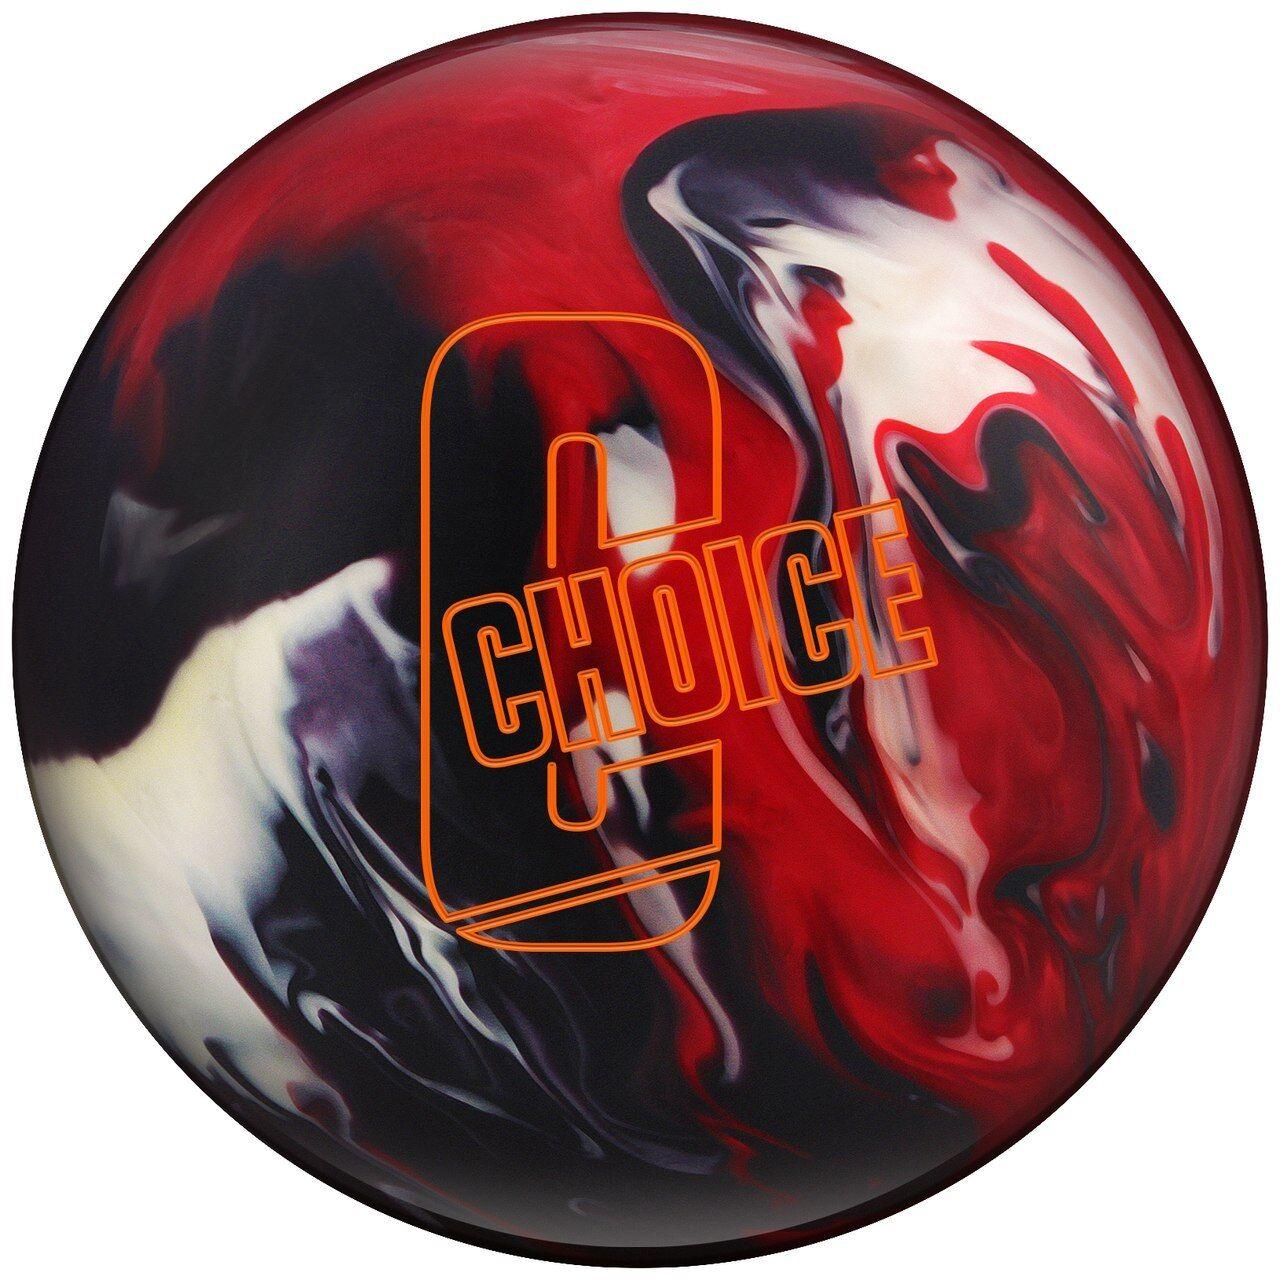 Ebonite Choice Bowling Ball NIB 1st Quality